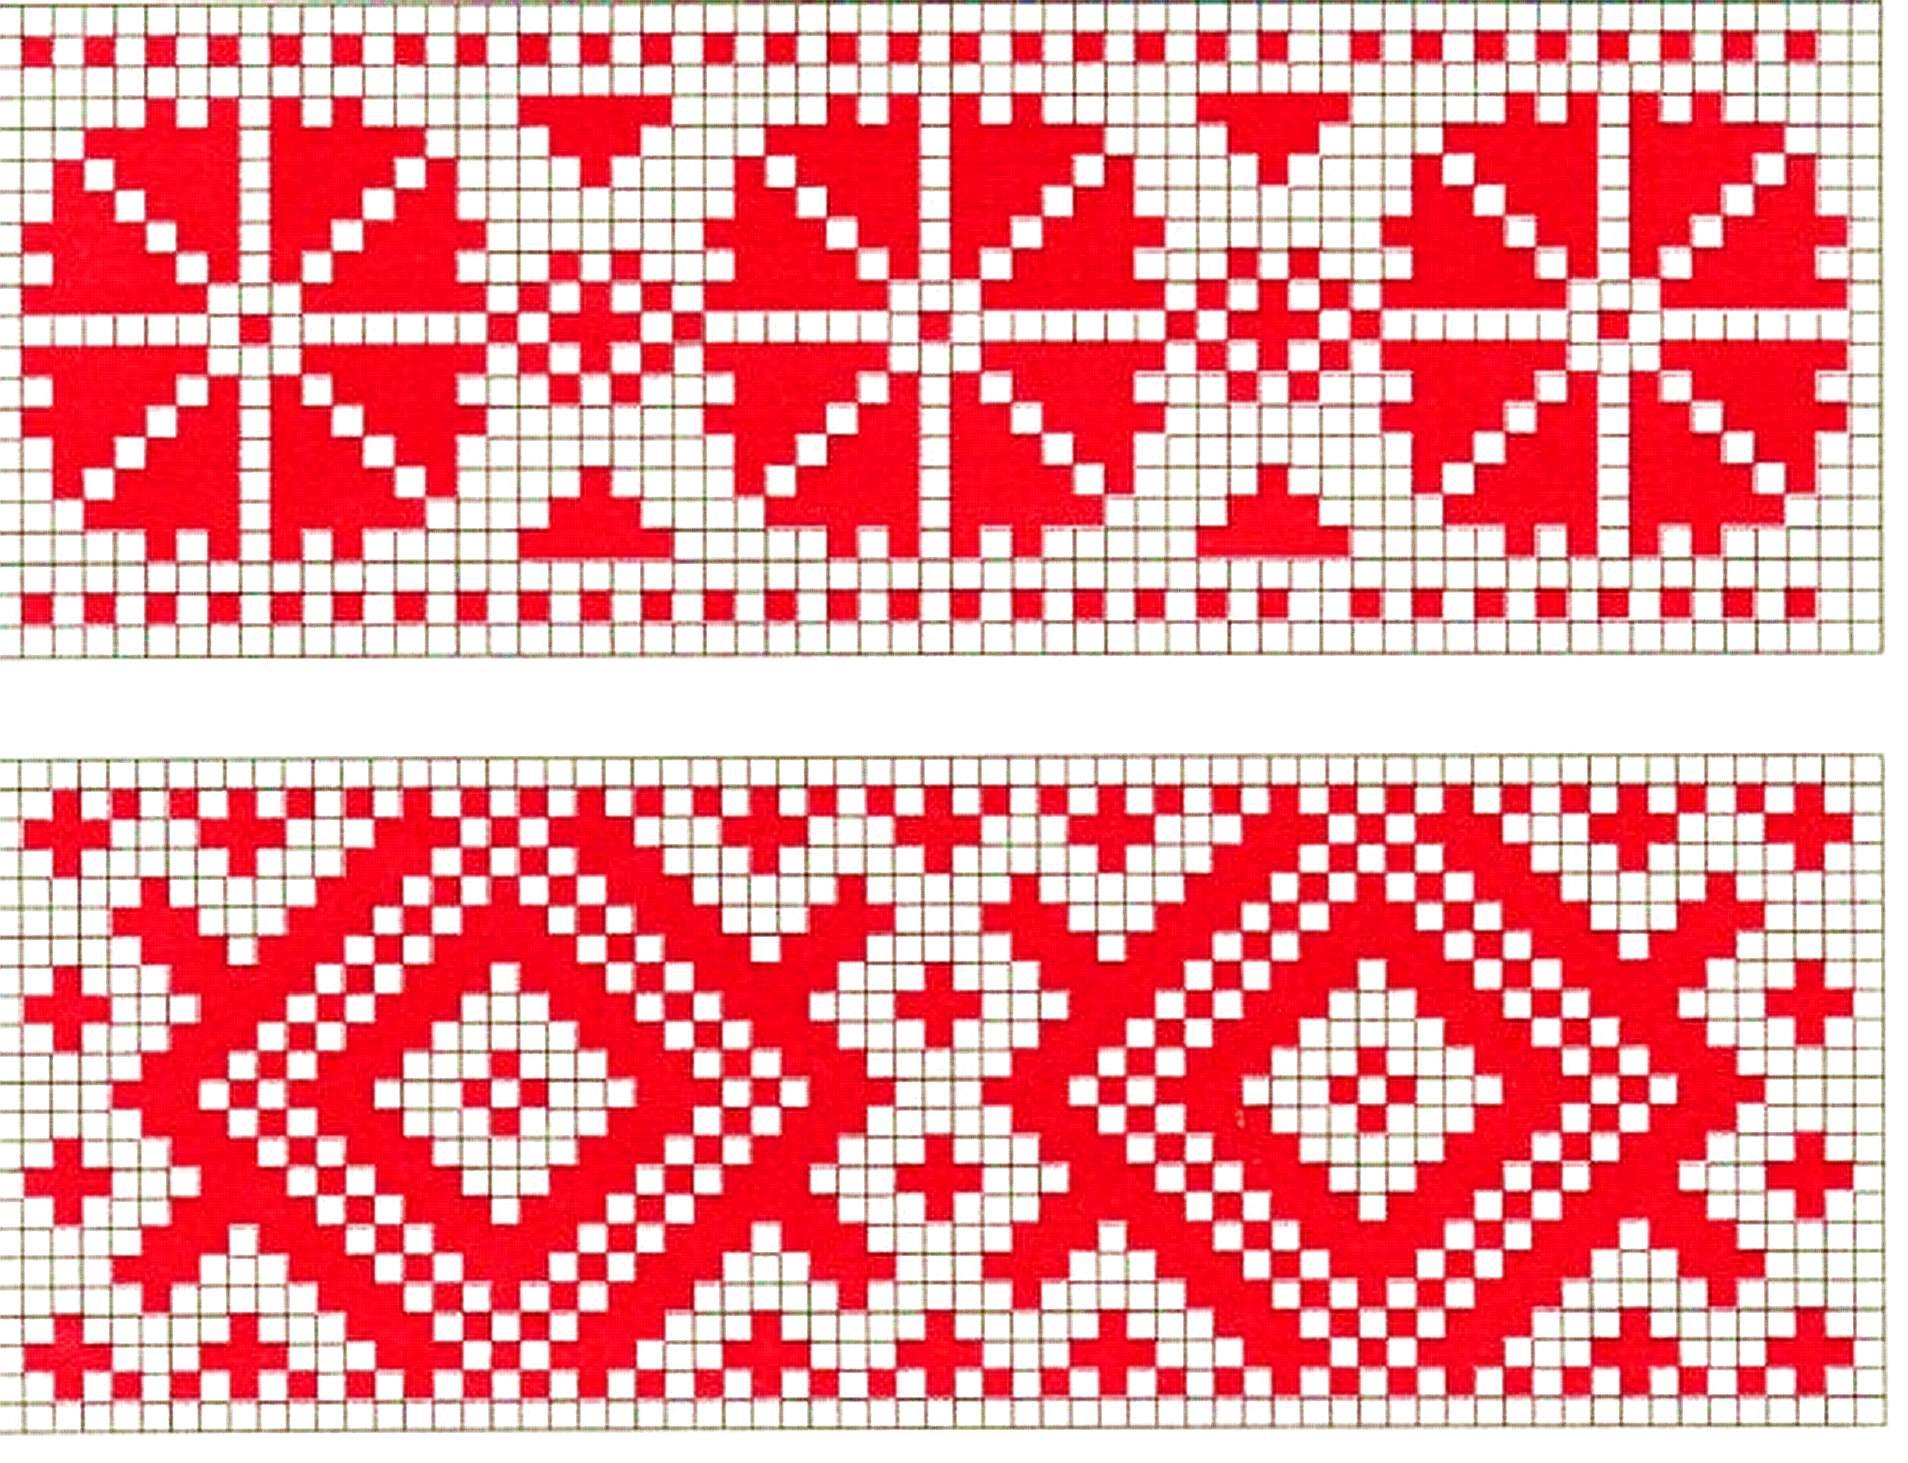 Русская народная вышивка особенности национального рукоделия (картинки) 19